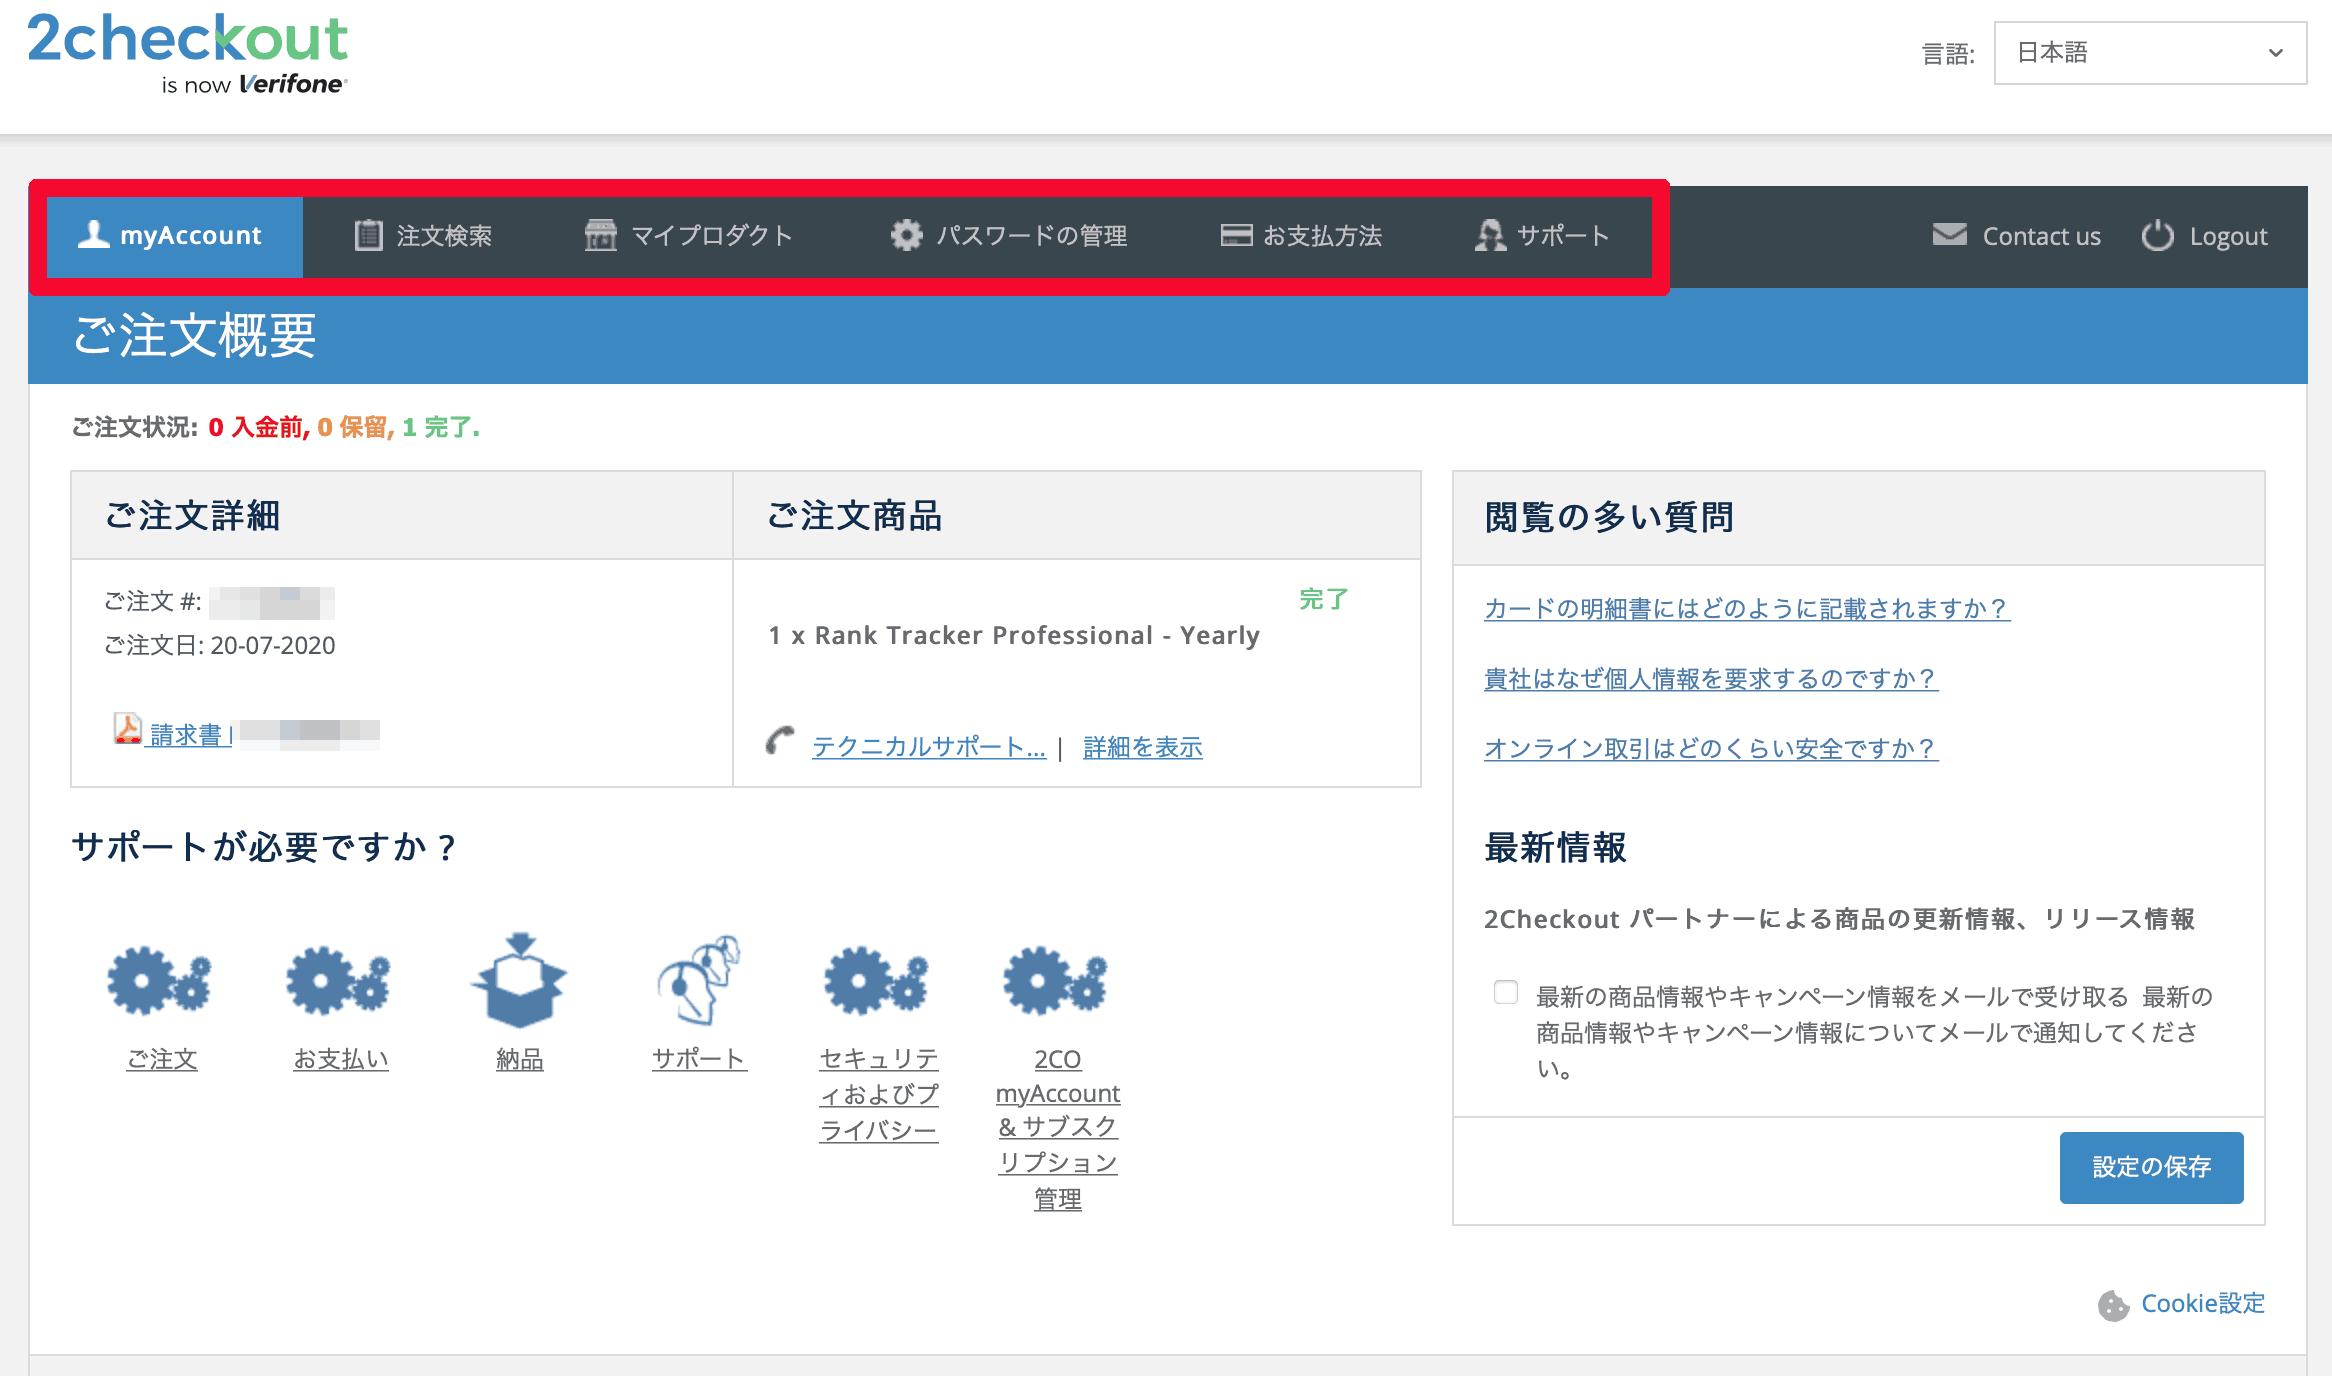 2checkout マイアカウント画面